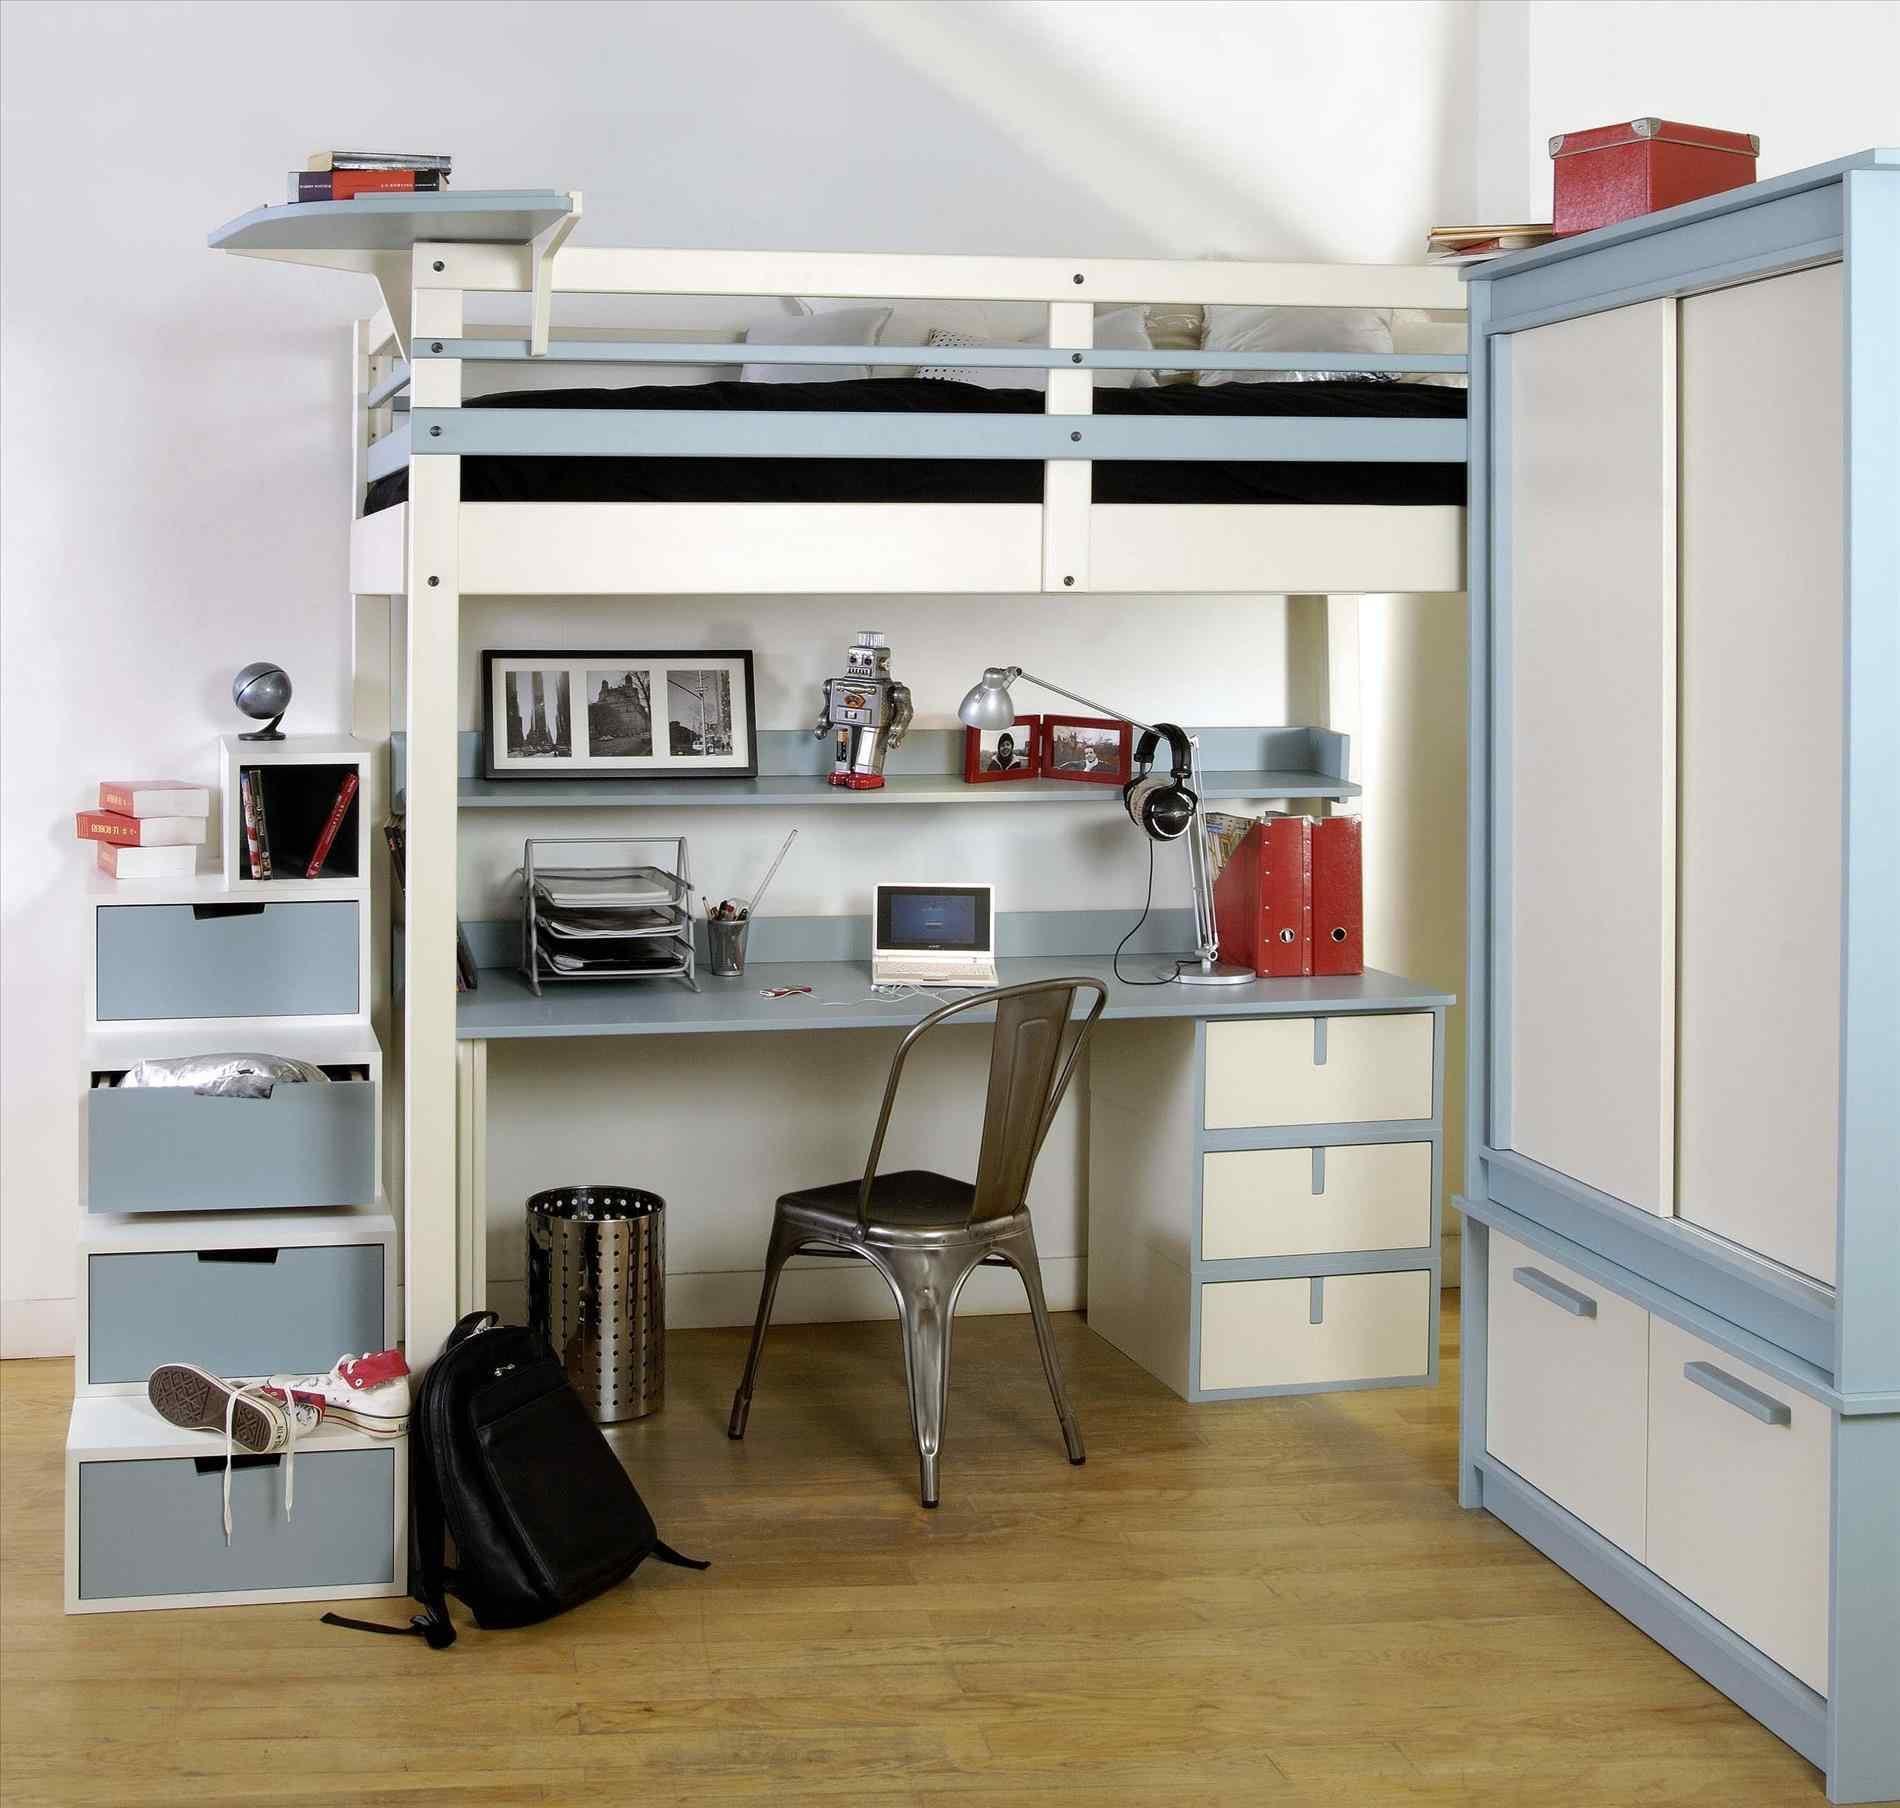 Lit Superposé Pas Cher Le Luxe Bureau Echelle Ikea